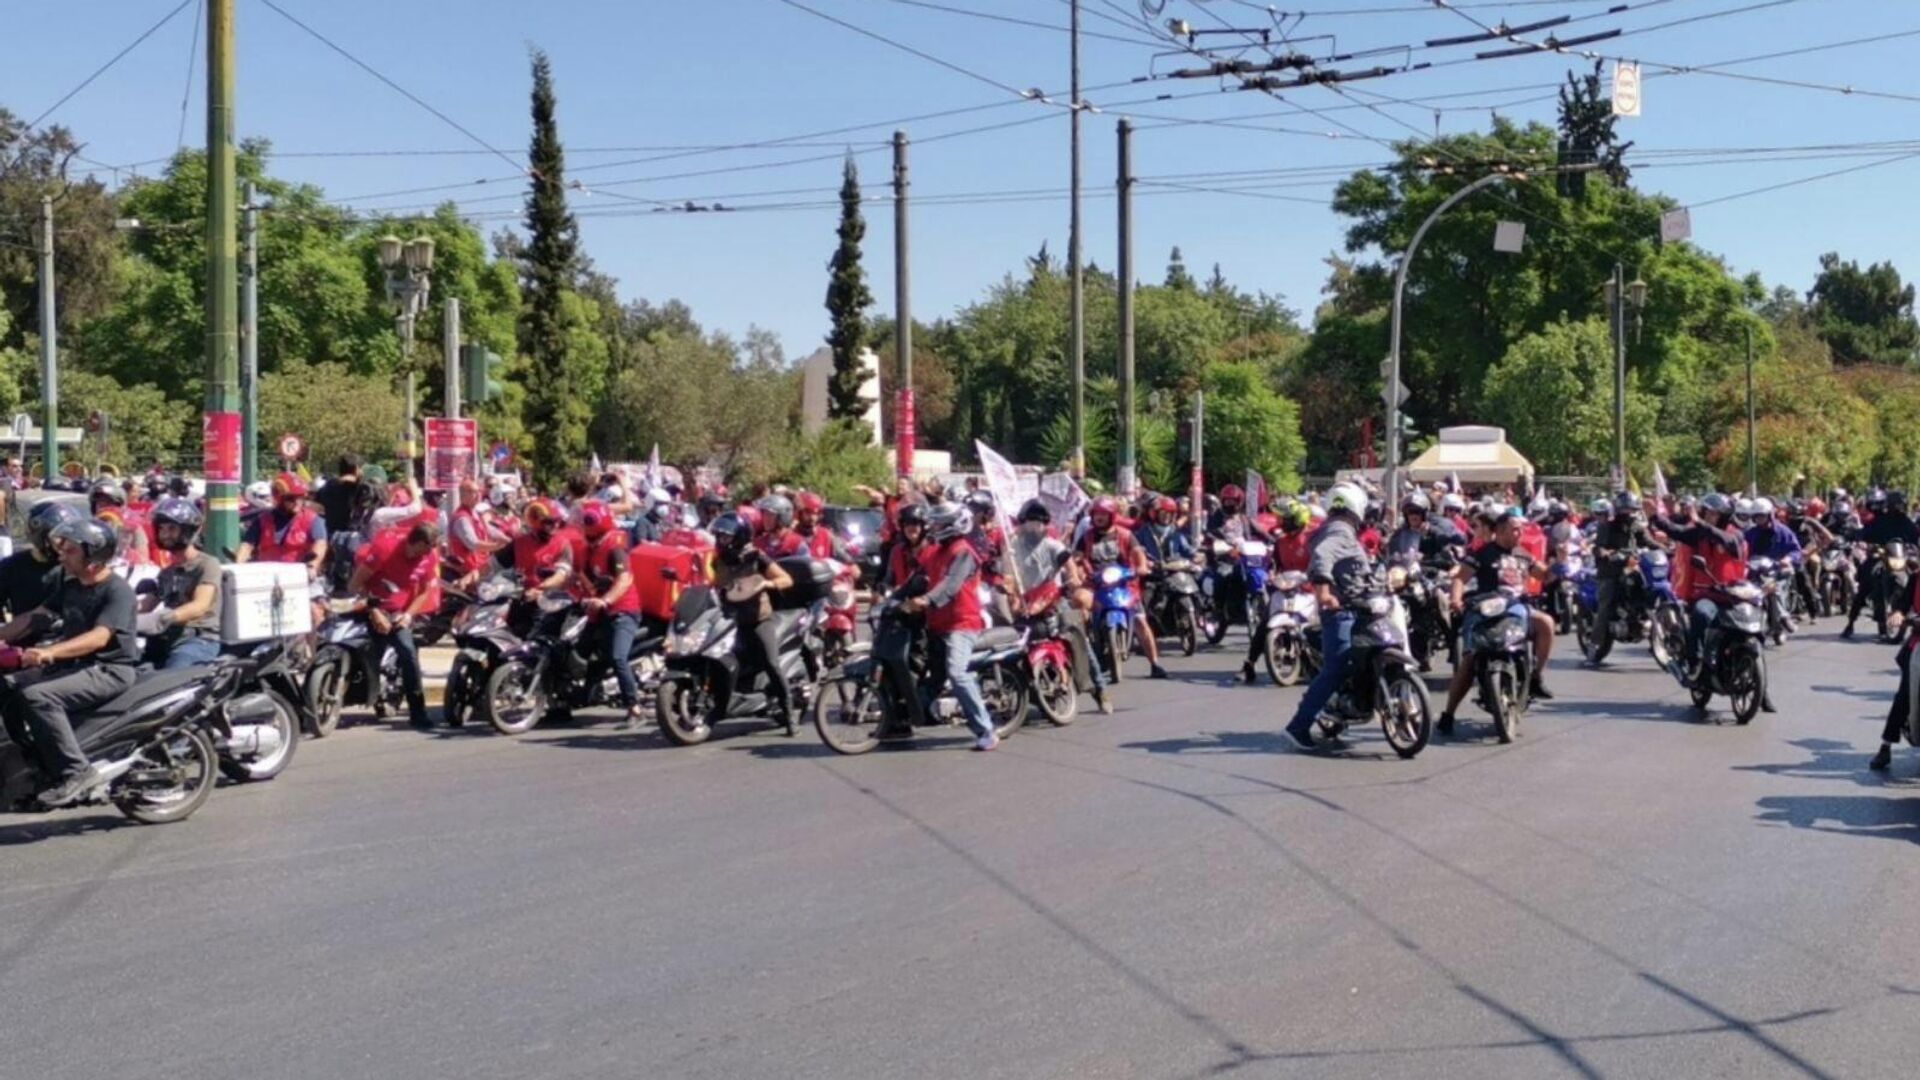 Διαμαρτυρία ντελίβερι με μηχανάκια και πανό στο κέντρο της Αθήνας - Sputnik Ελλάδα, 1920, 24.09.2021